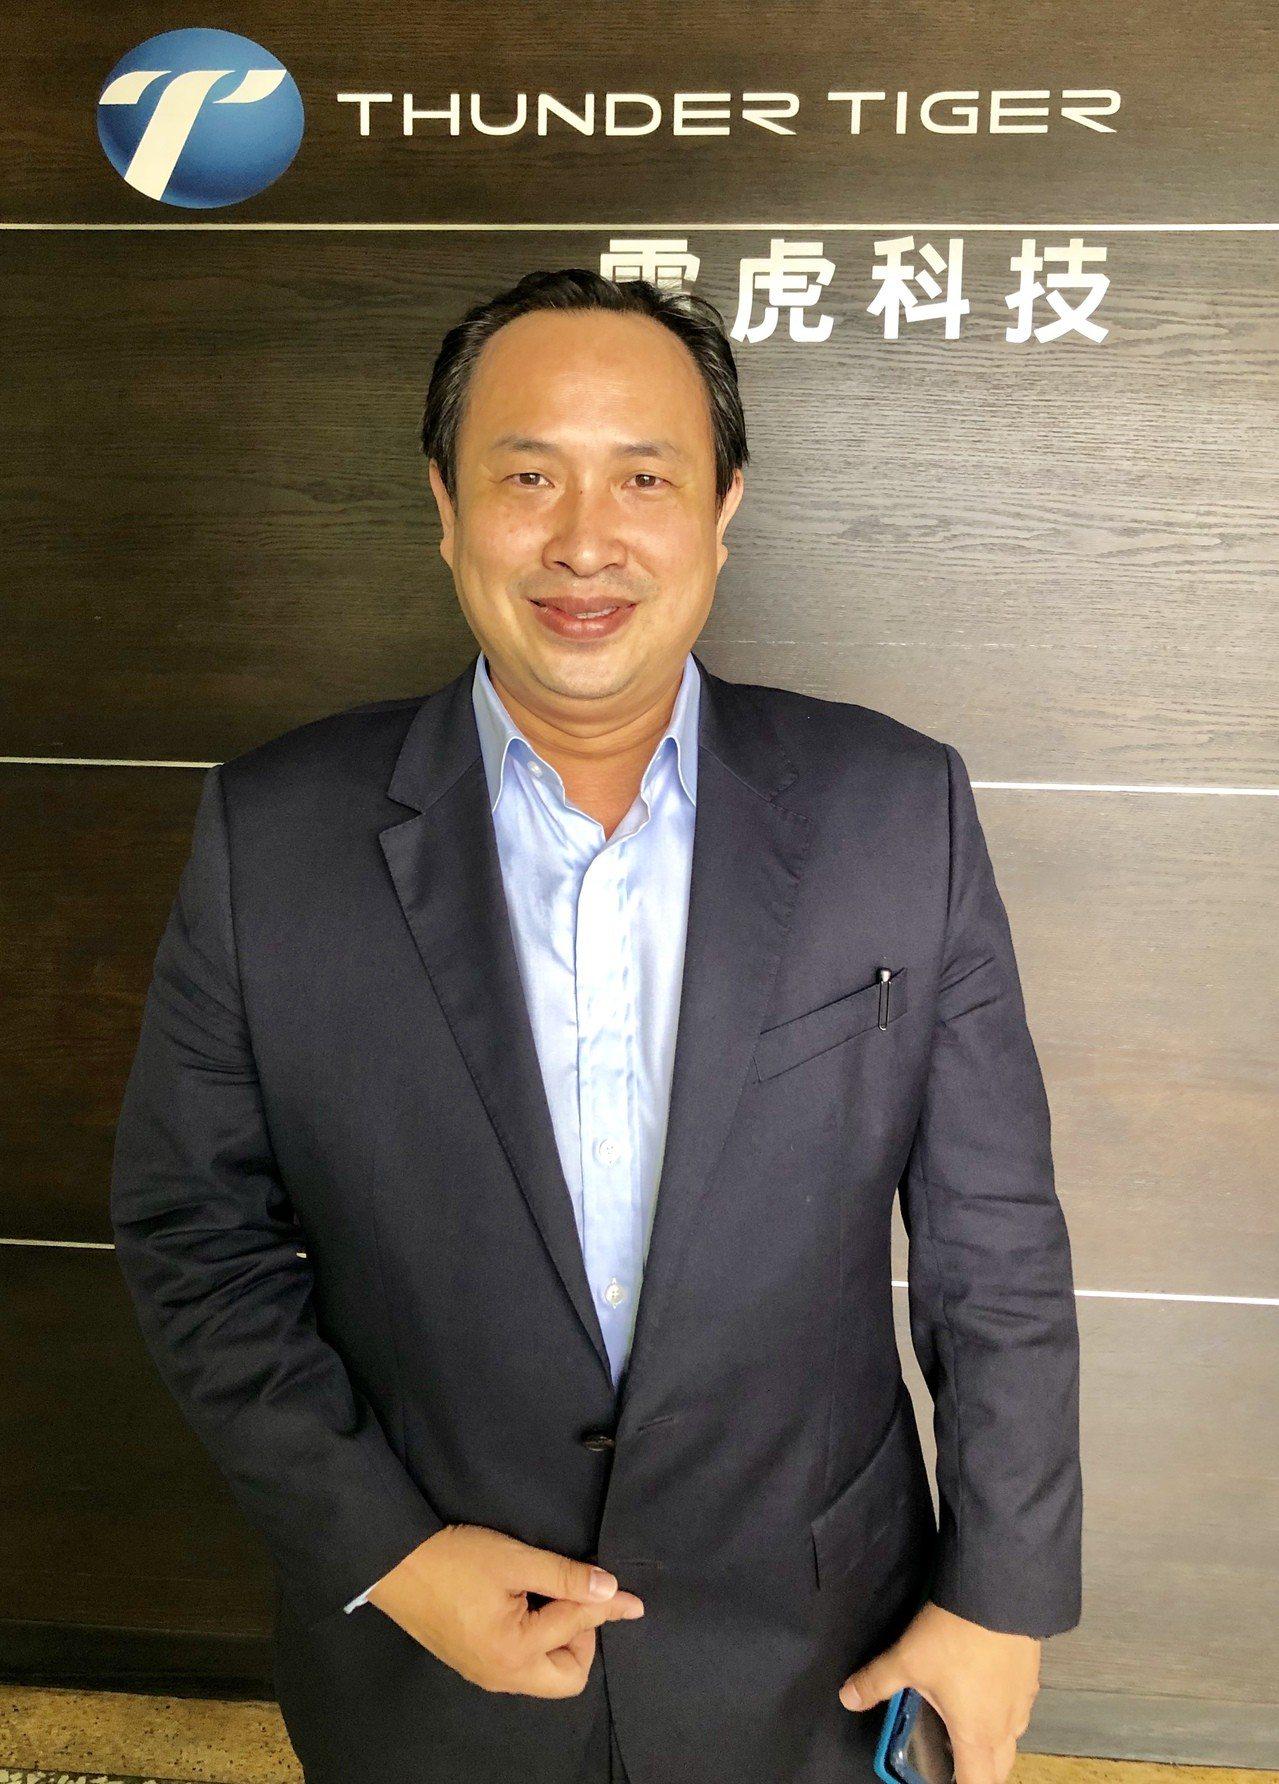 雷虎科技董事長陳冠如。記者宋健生/攝影